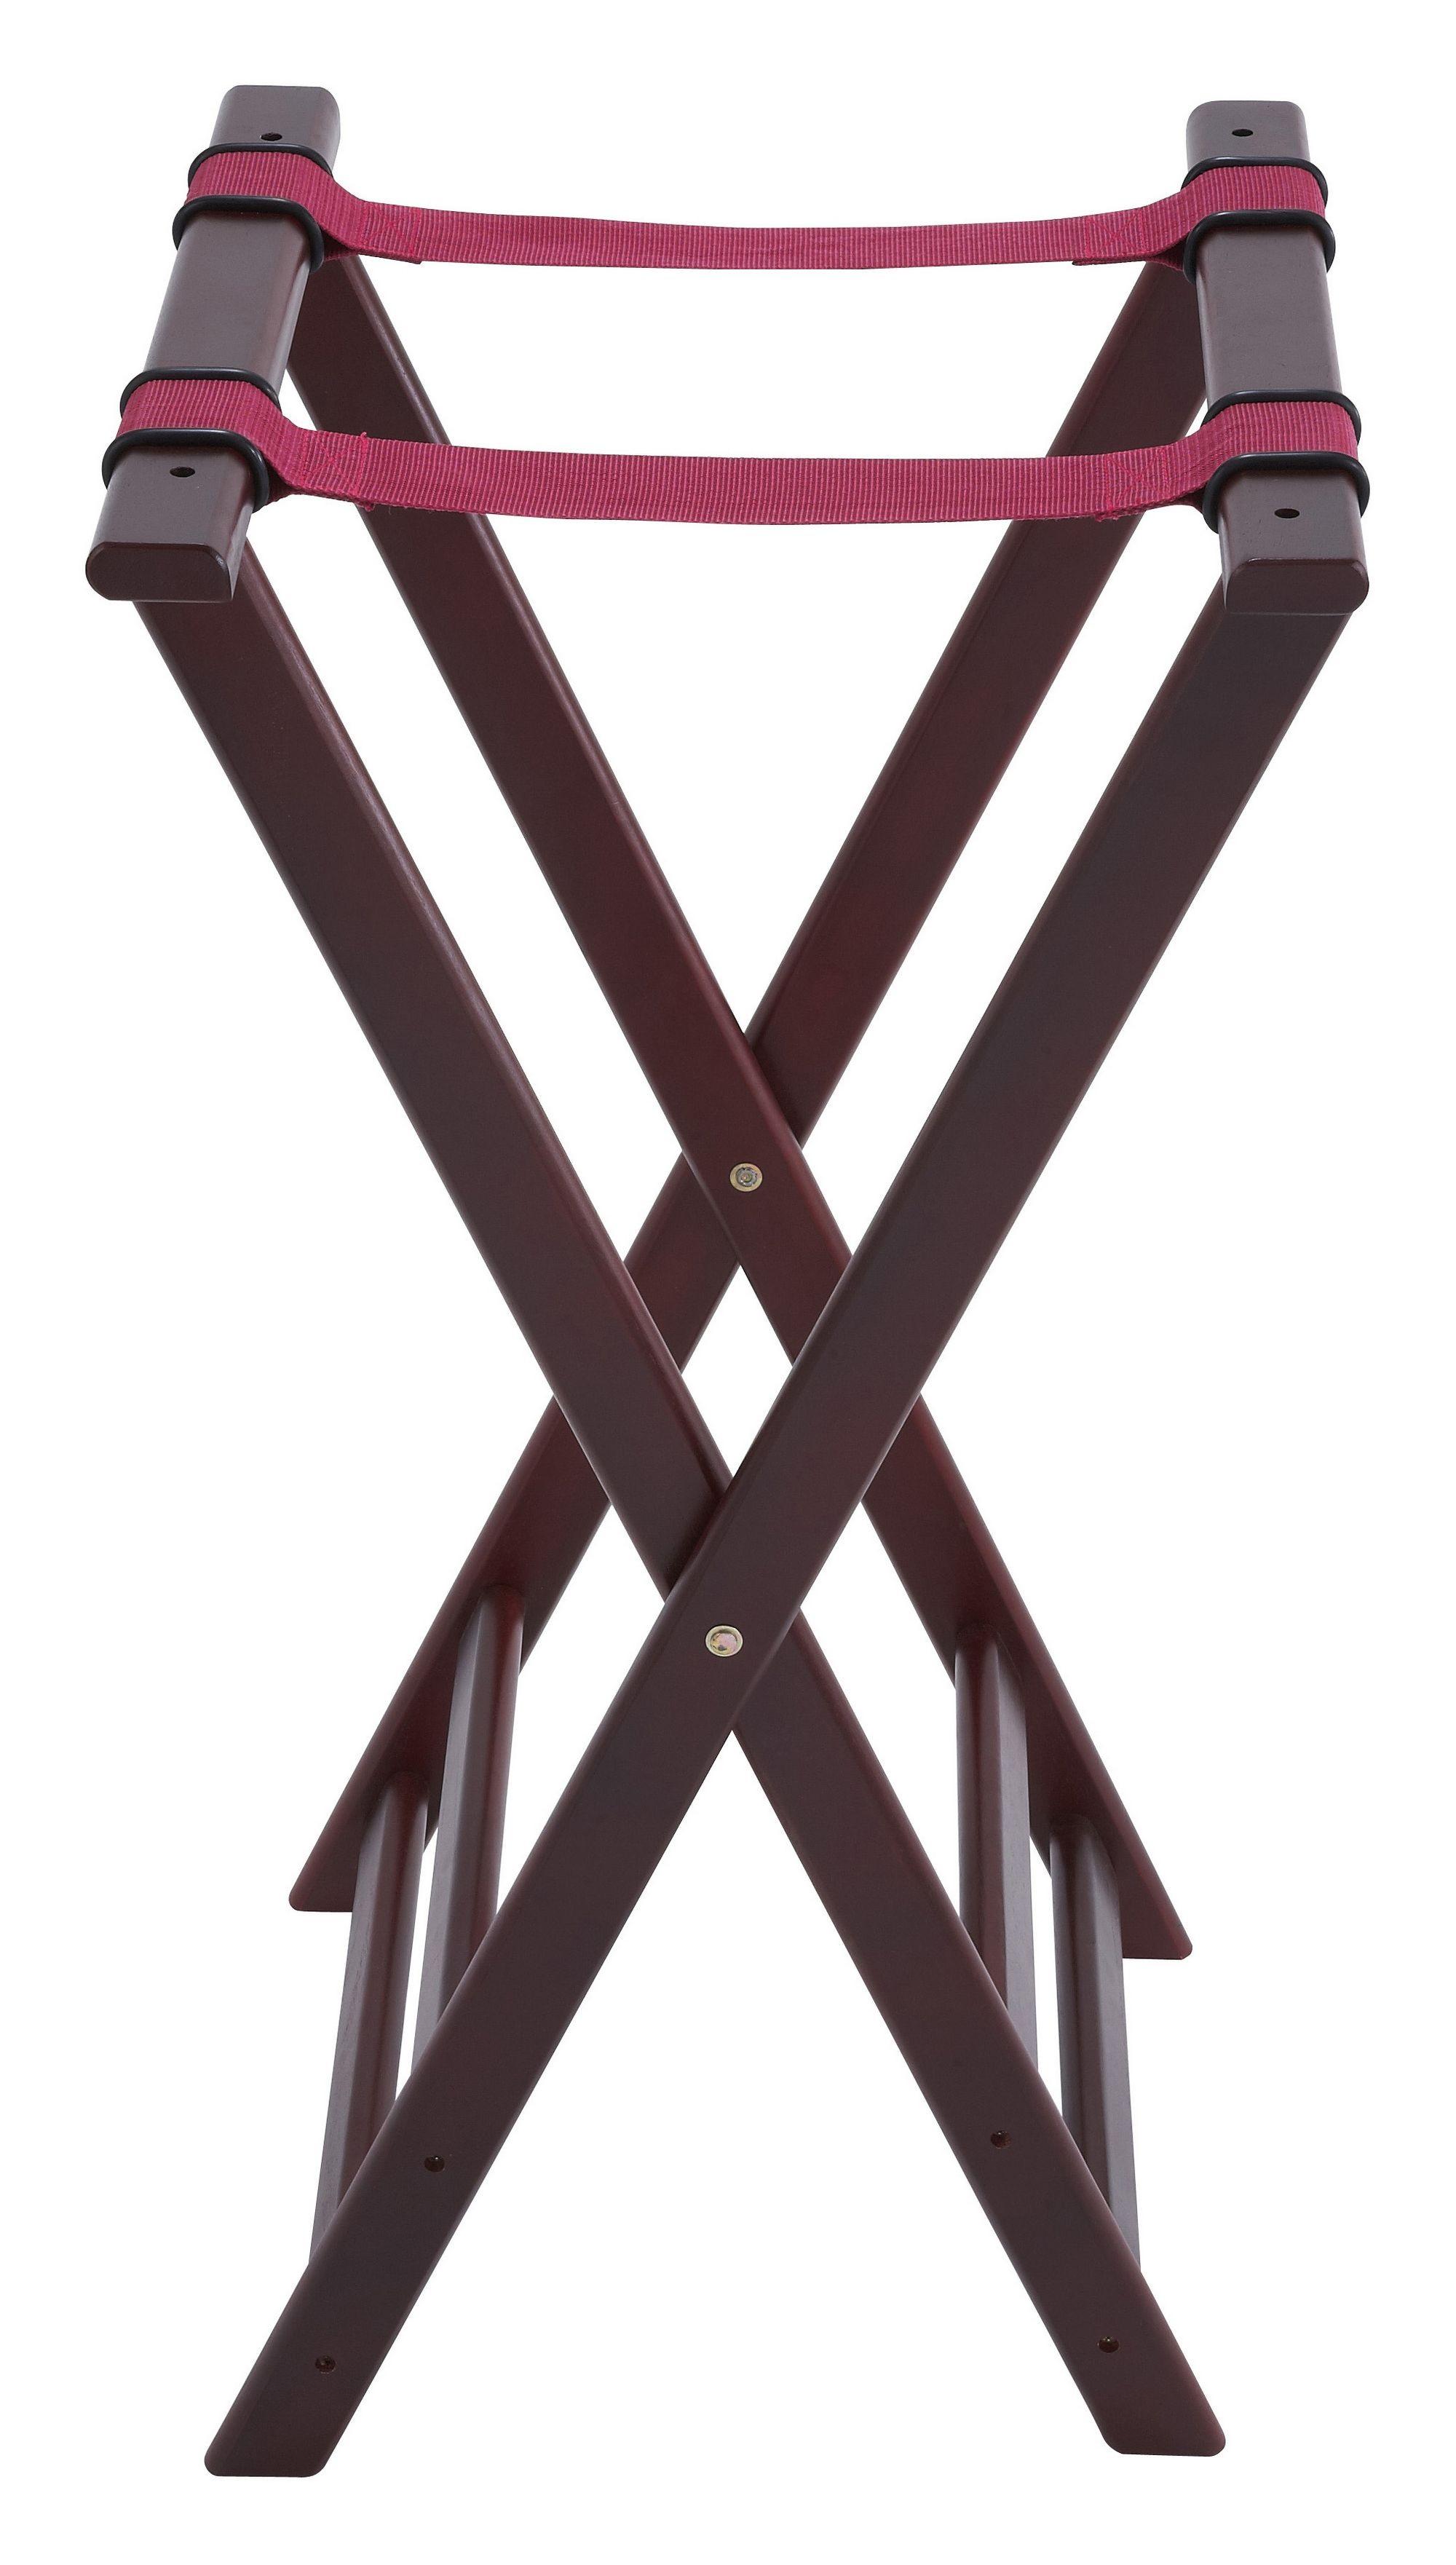 Mahogany-Finish Foldable Tray Stand - 32